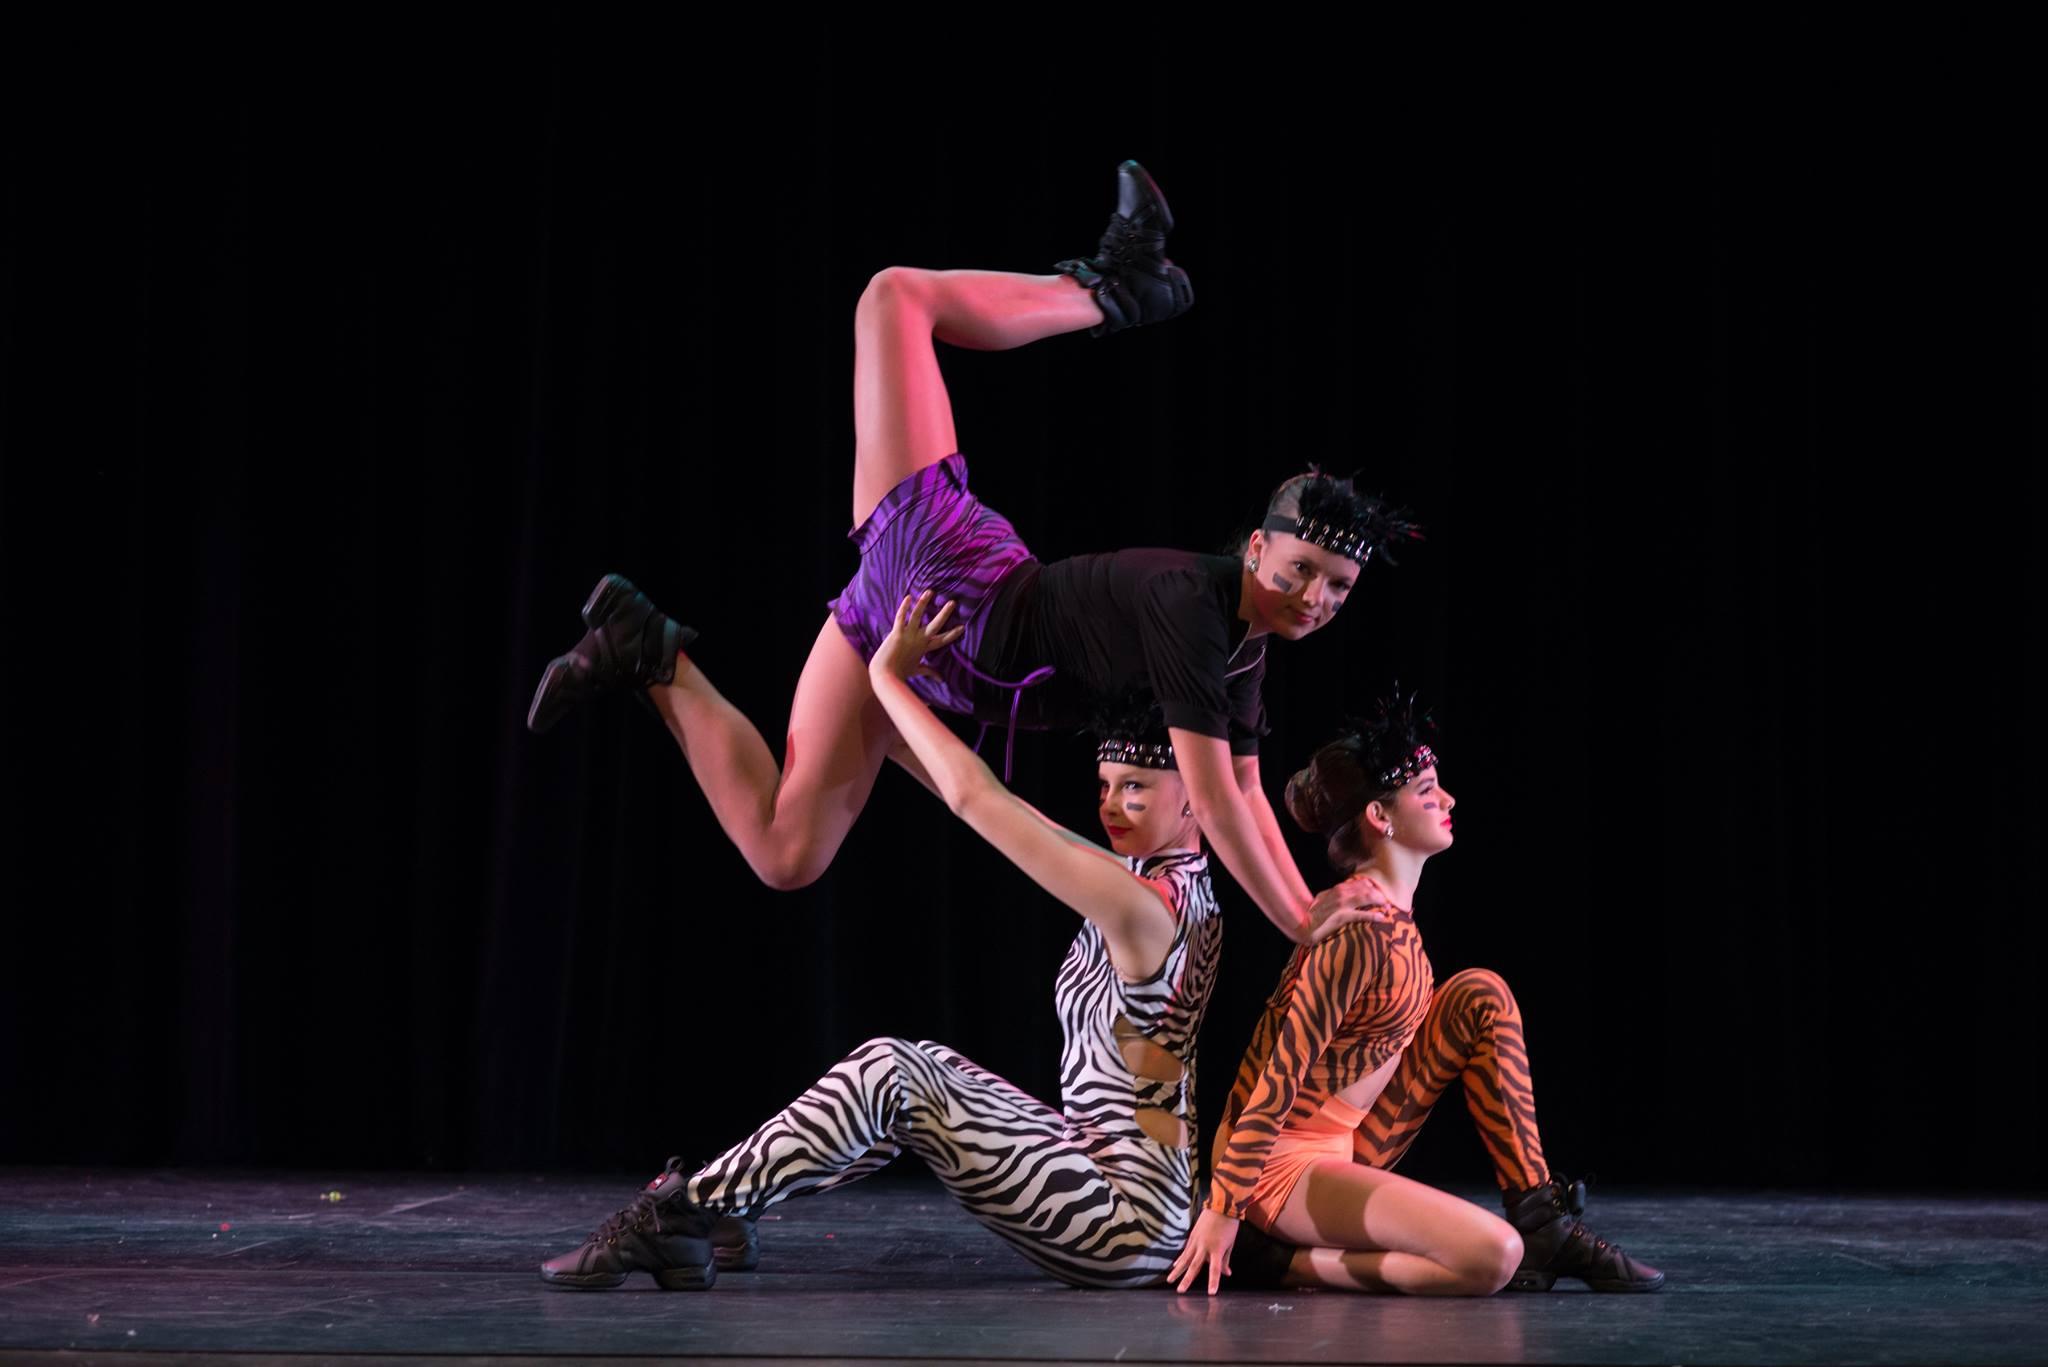 In Motion School Of Dance